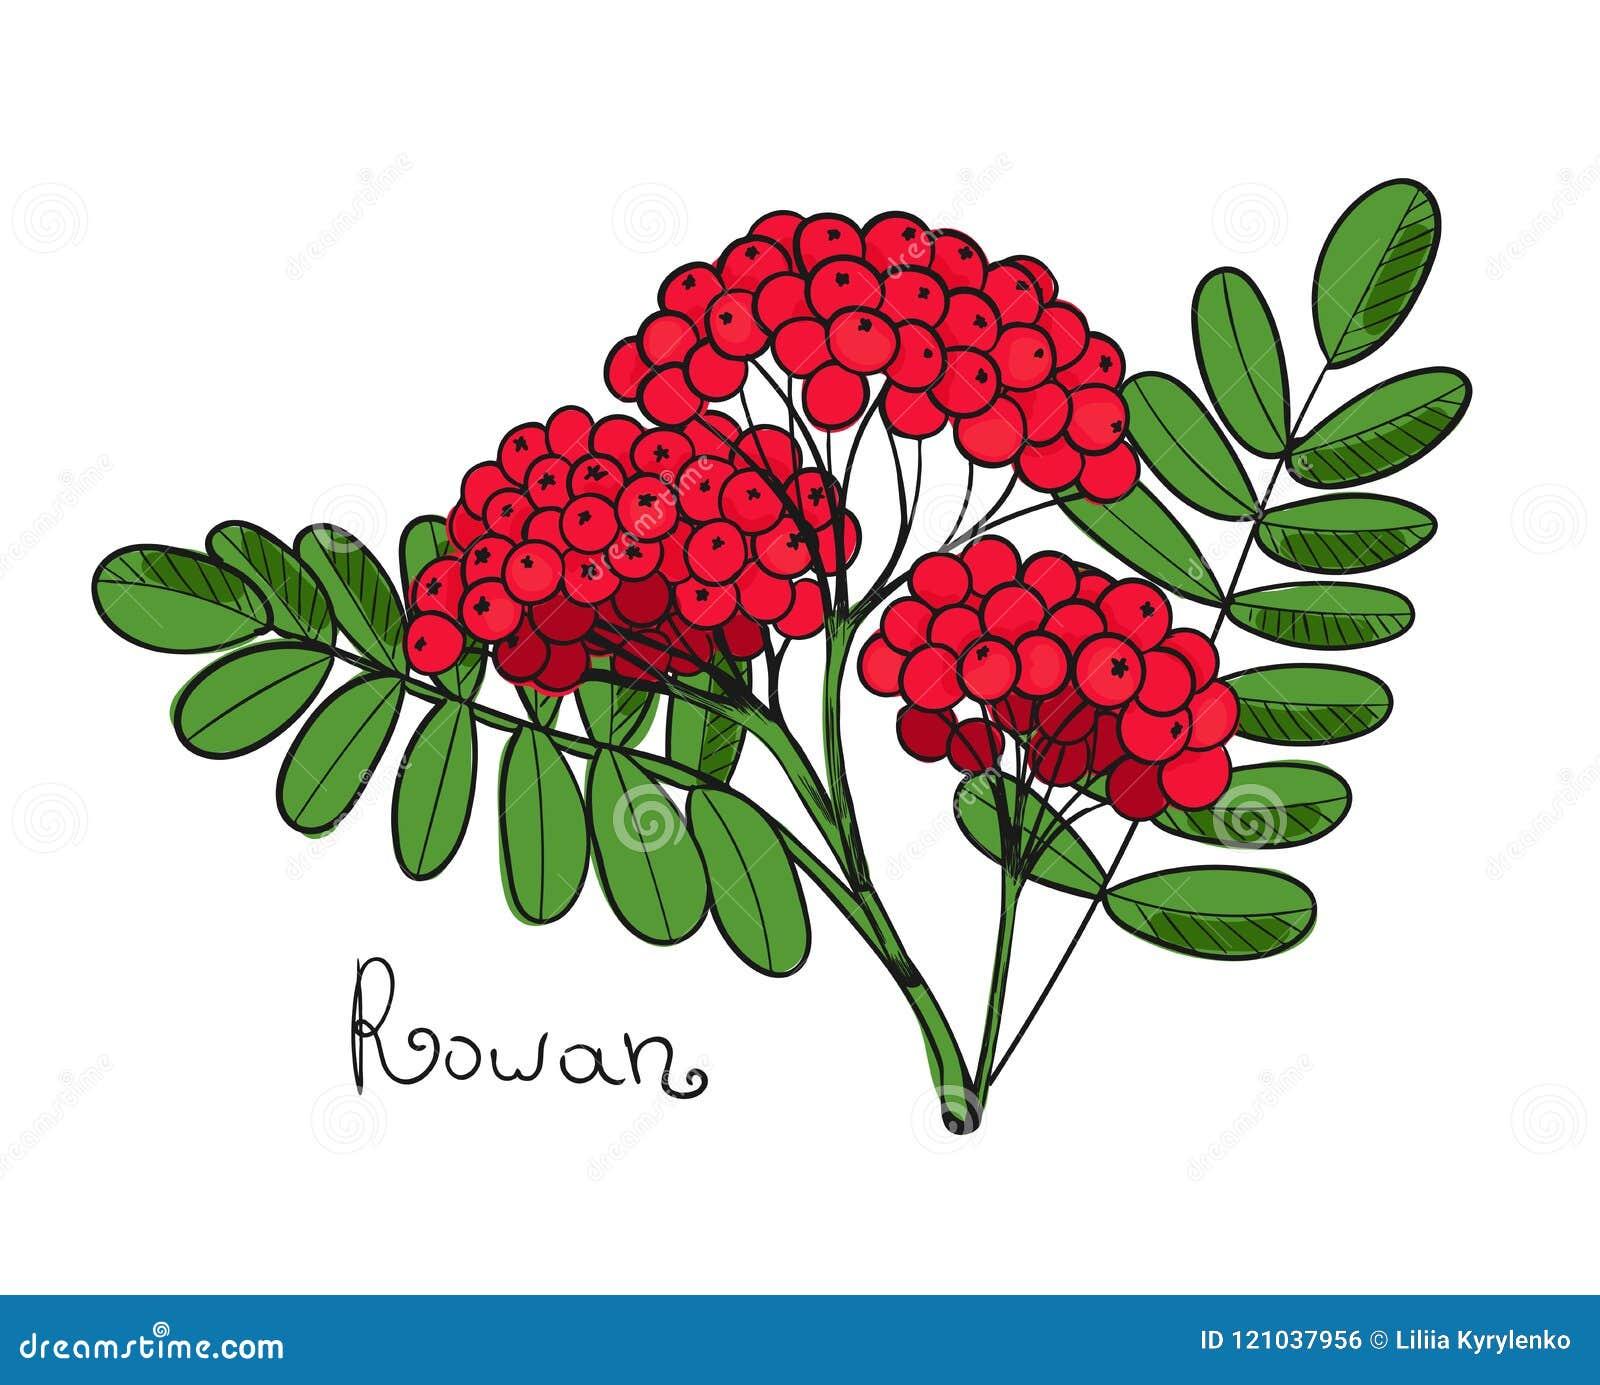 Красное дерево рябины Изолированные хворостина rowanberry или ashberry Листья и группа ягоды рябины Завтрак-обед сорбирует